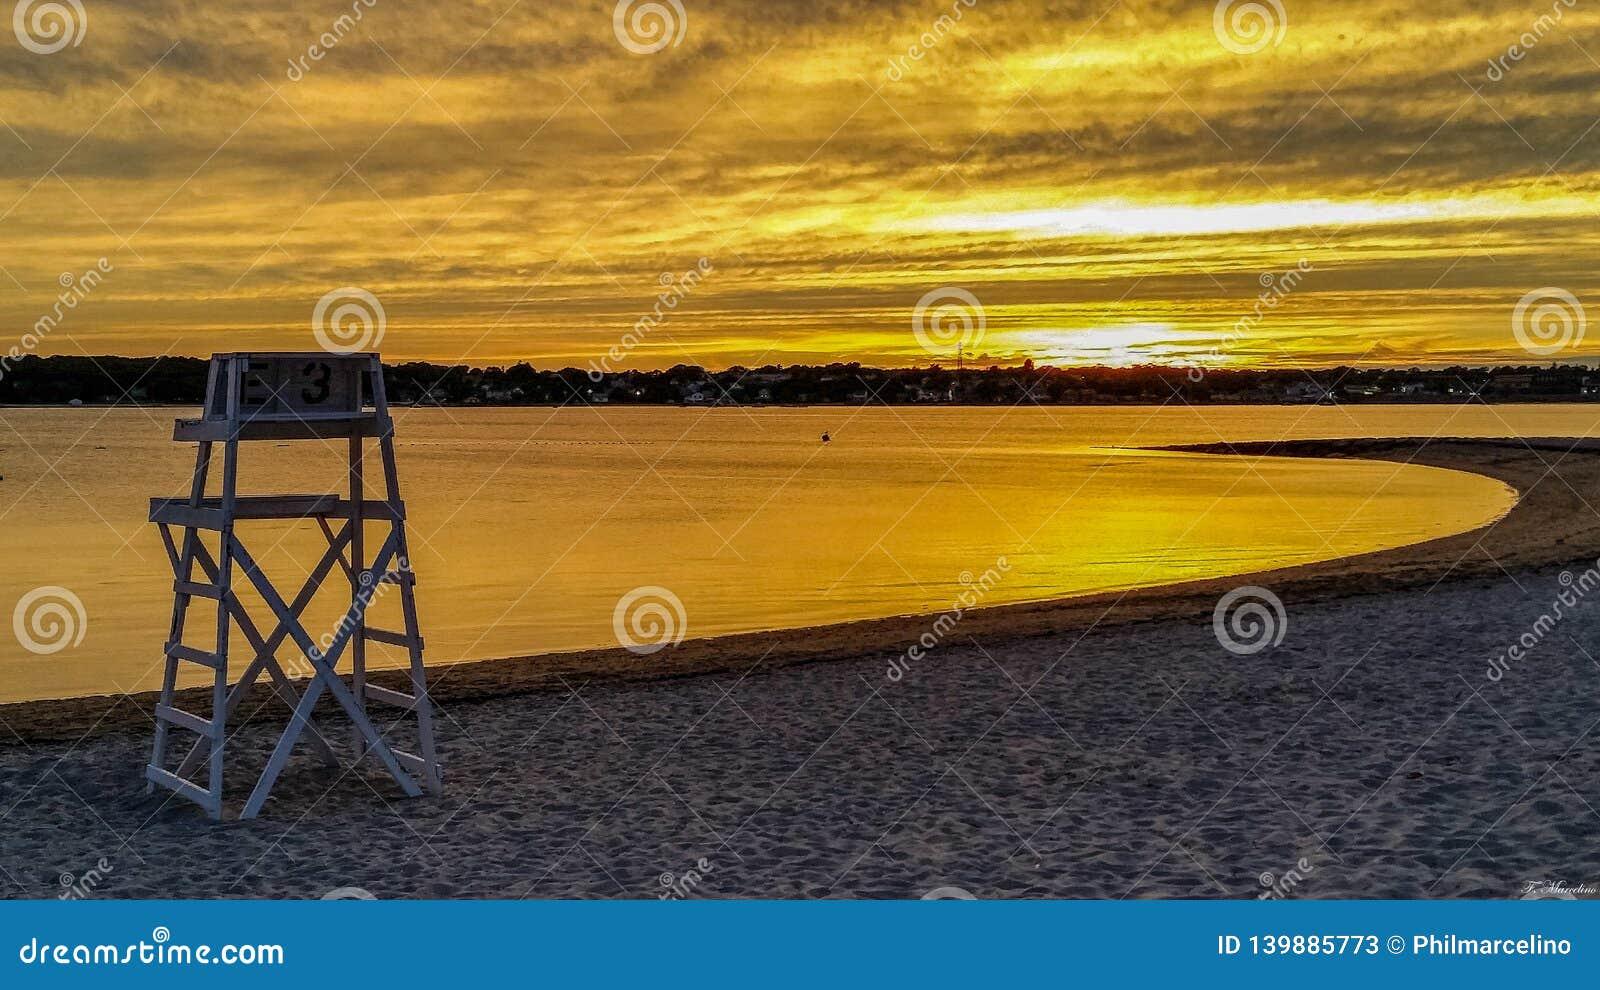 Life guard chair at dusk